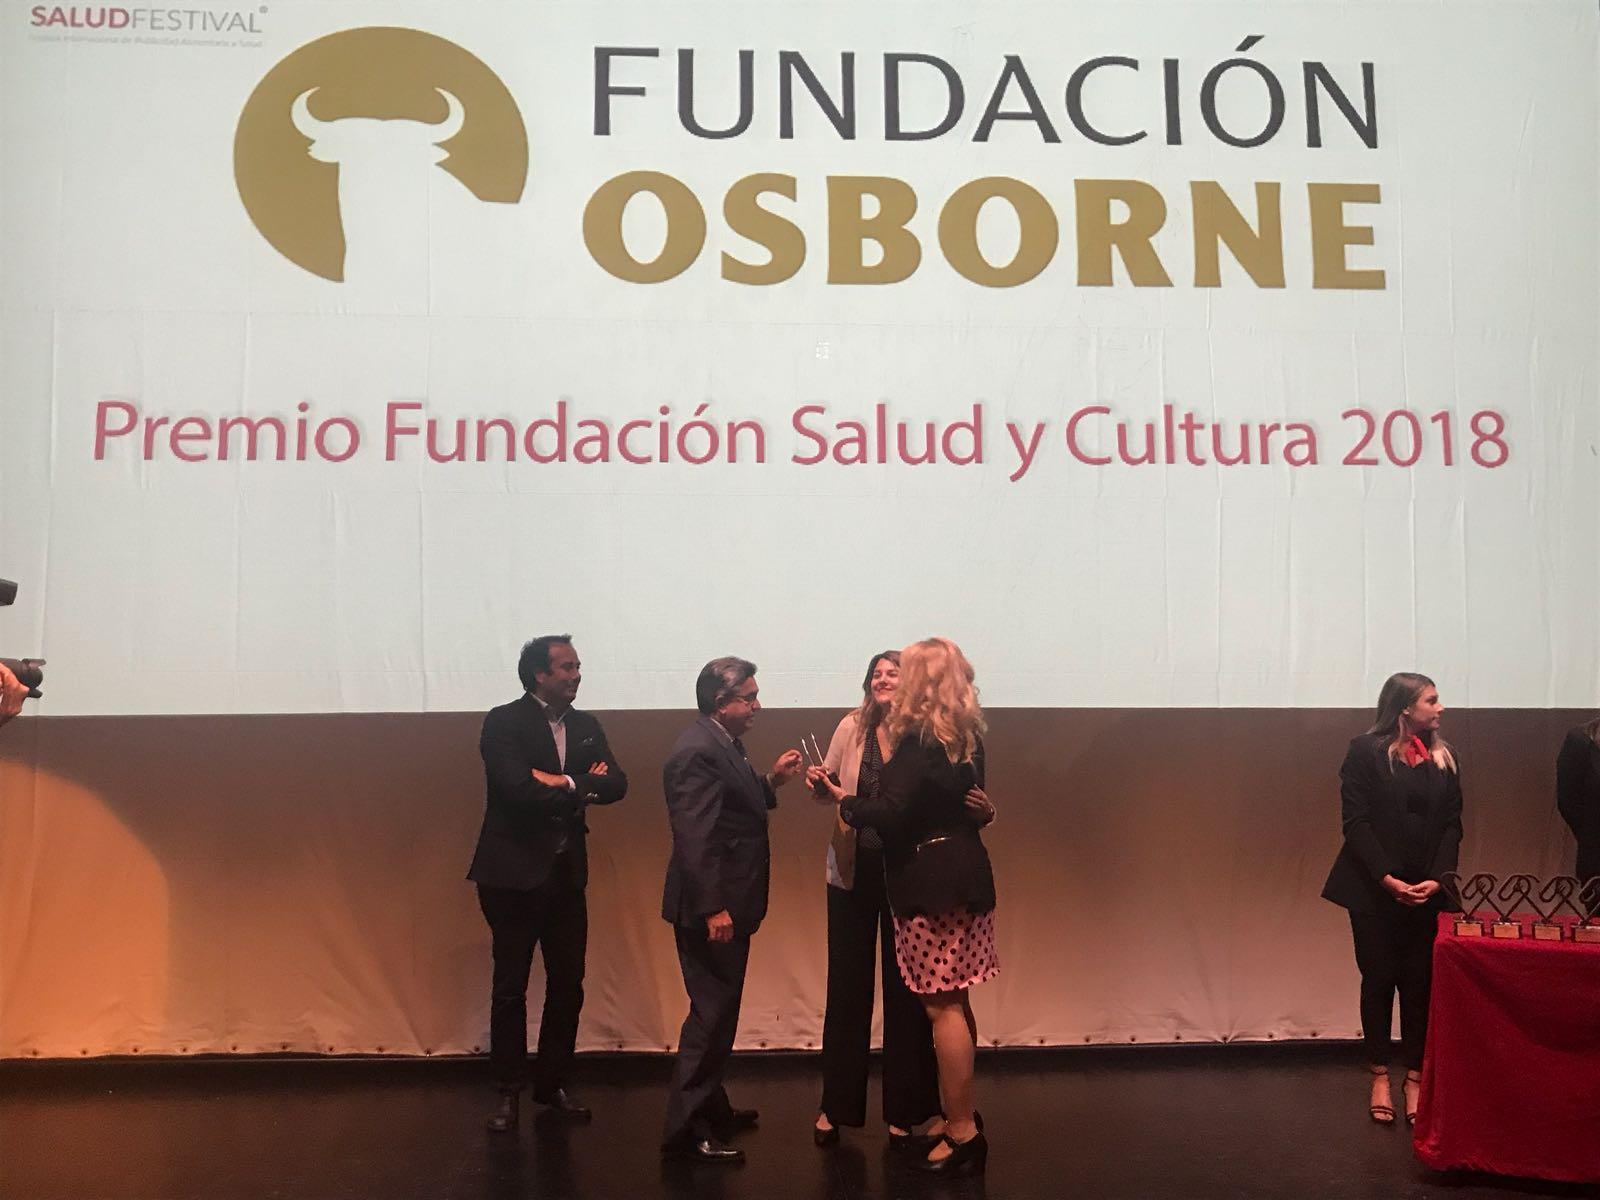 """Recibiendo el premio """"Salud y Cultura 2018"""" del SaludFestival"""